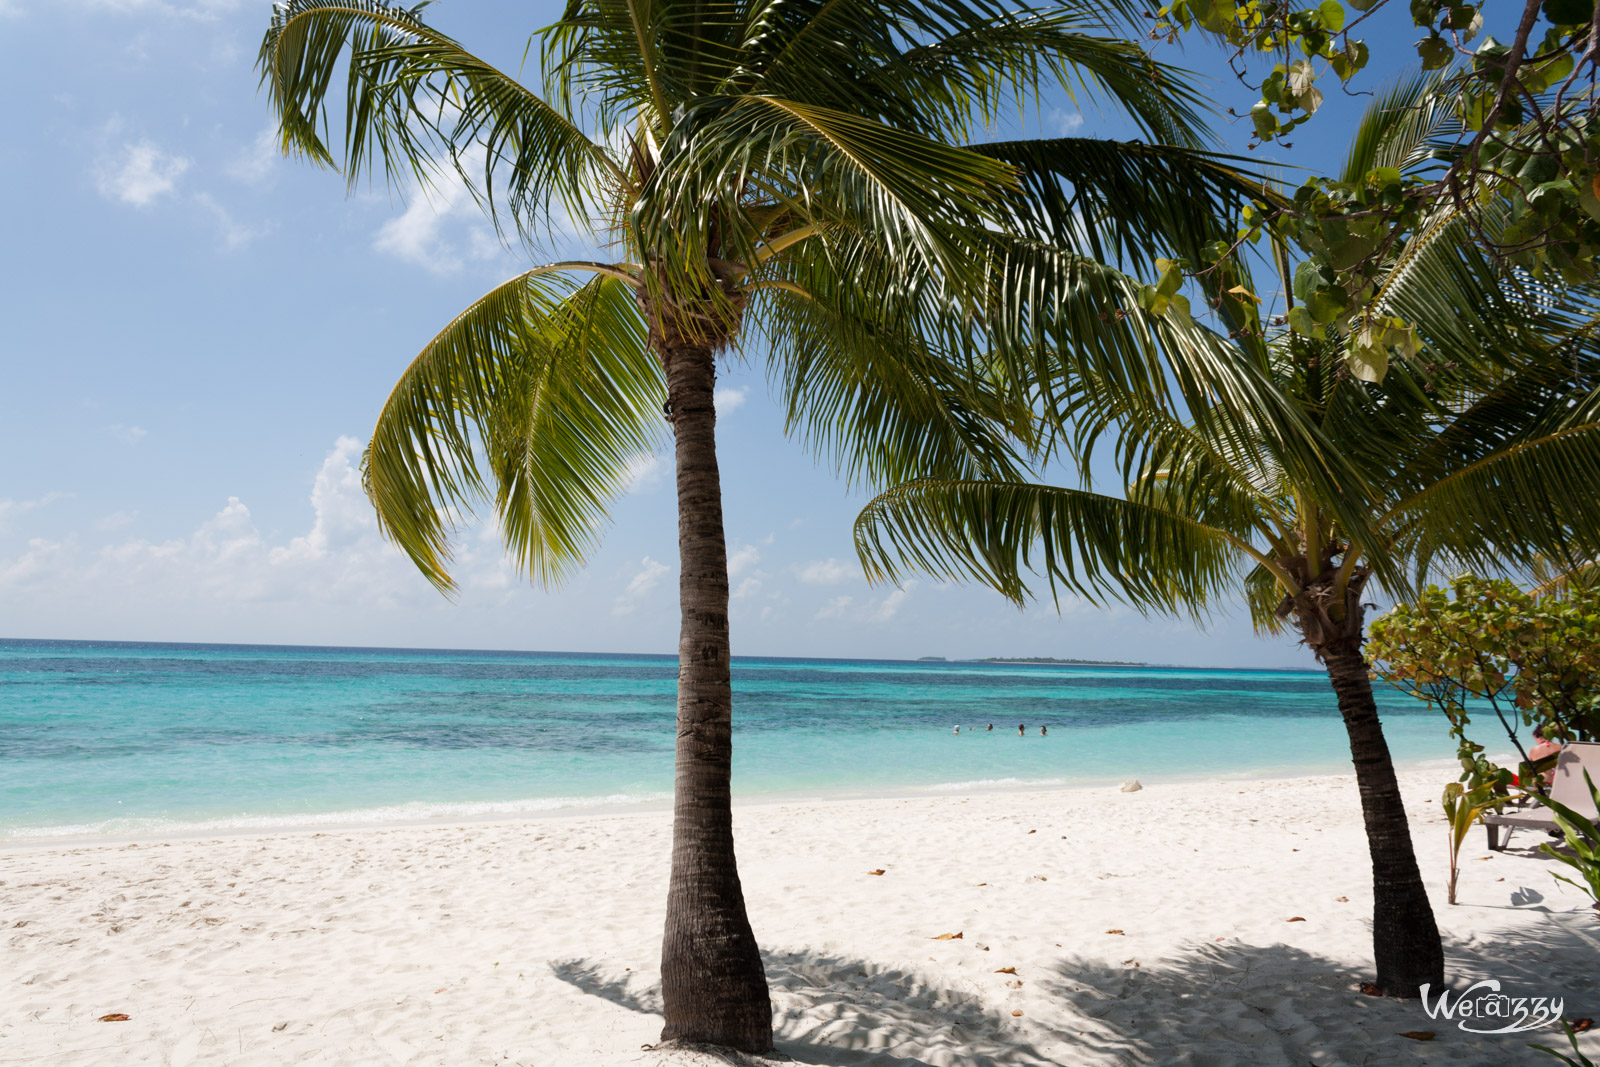 petite balade sur les plages des maldives weazzy. Black Bedroom Furniture Sets. Home Design Ideas